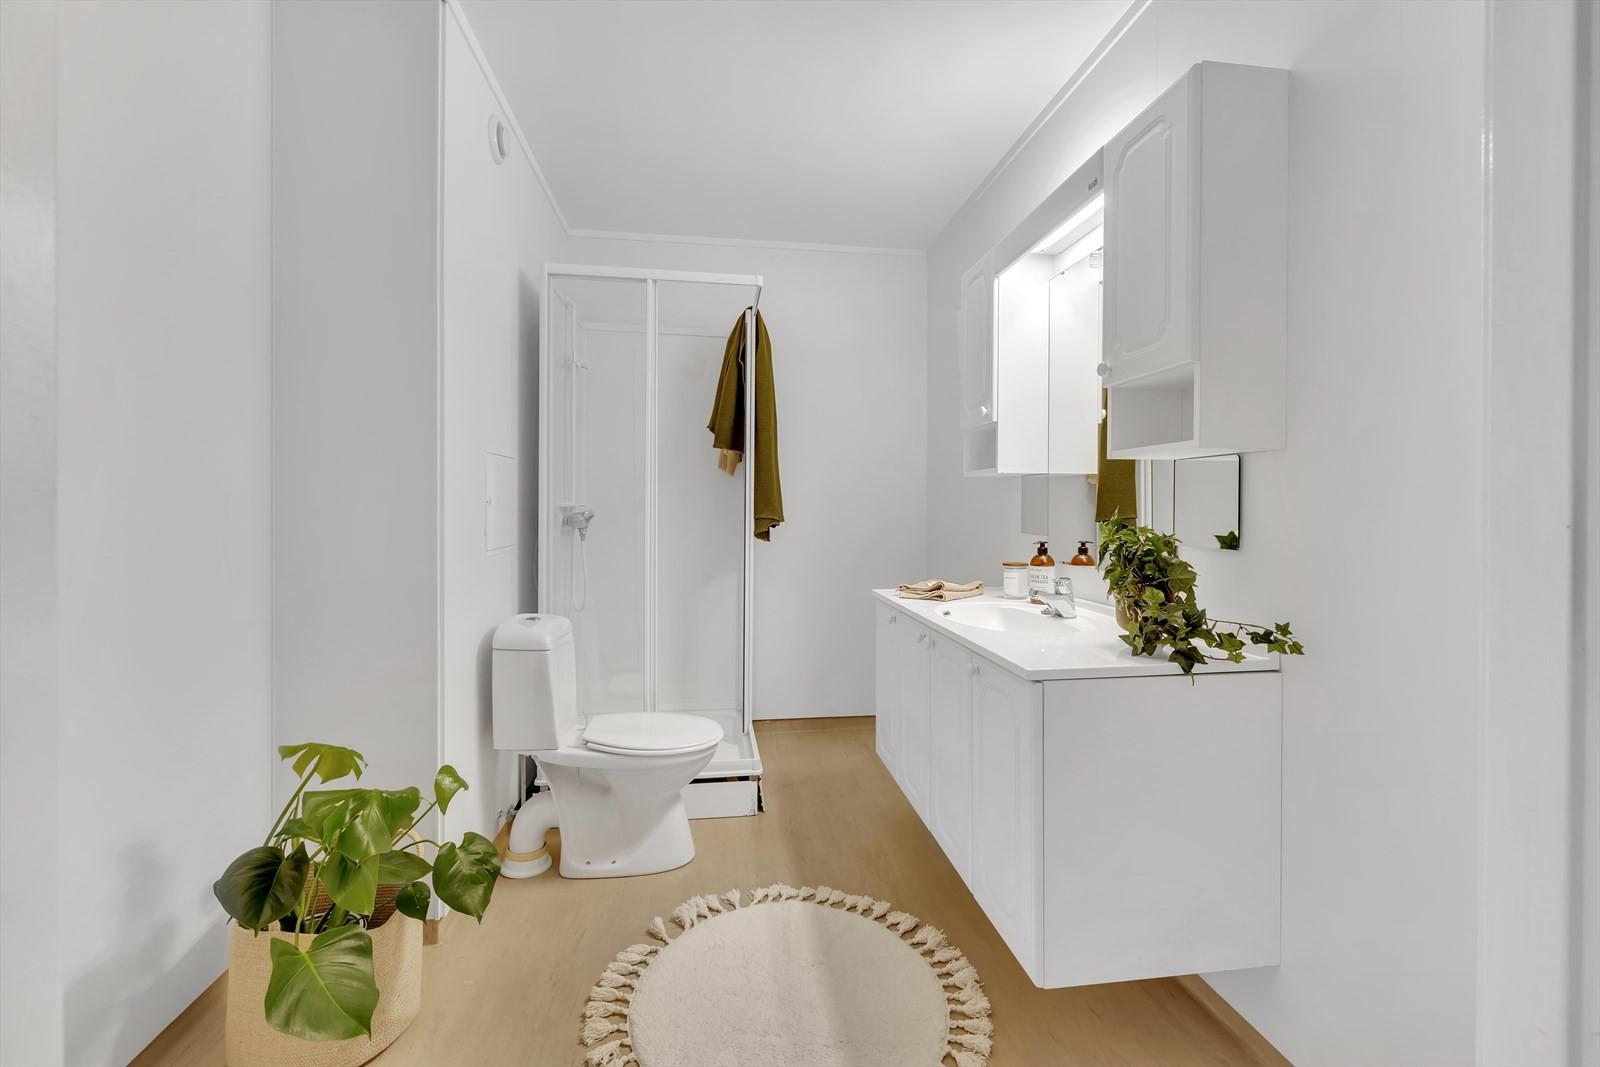 Lyst og trivelig bad med dusjkabinett, wc, servant og baderomsinnredning med over/underskap.